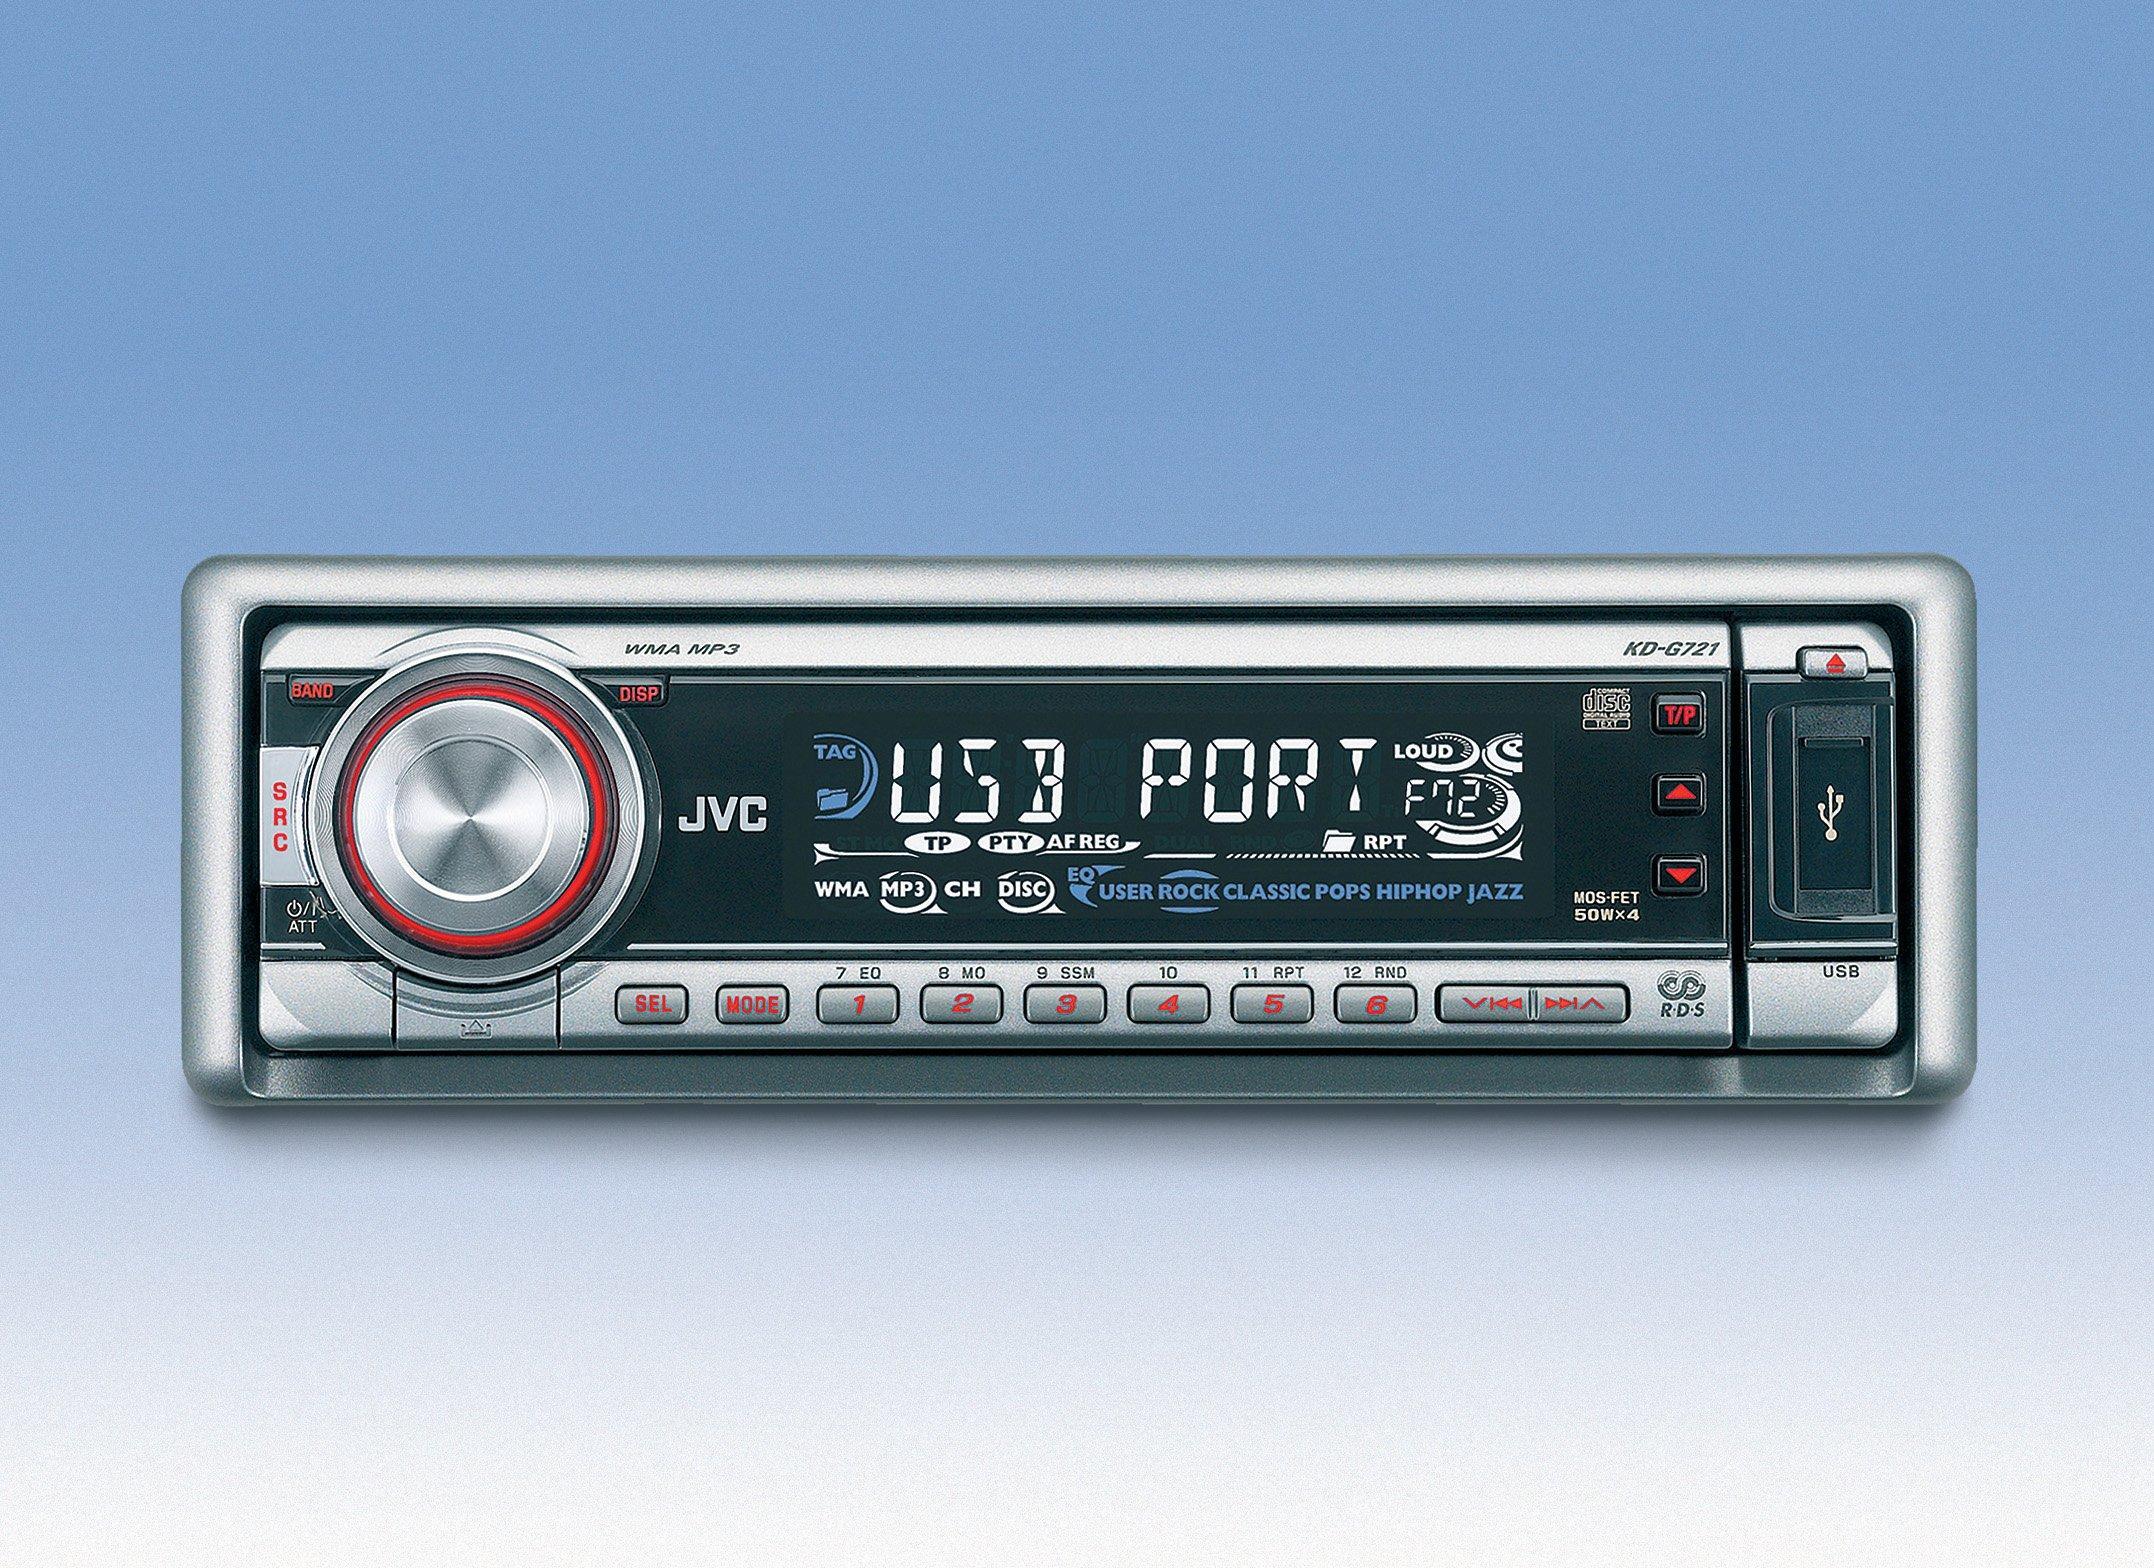 инструкция на магнитолу jvc kd-g727